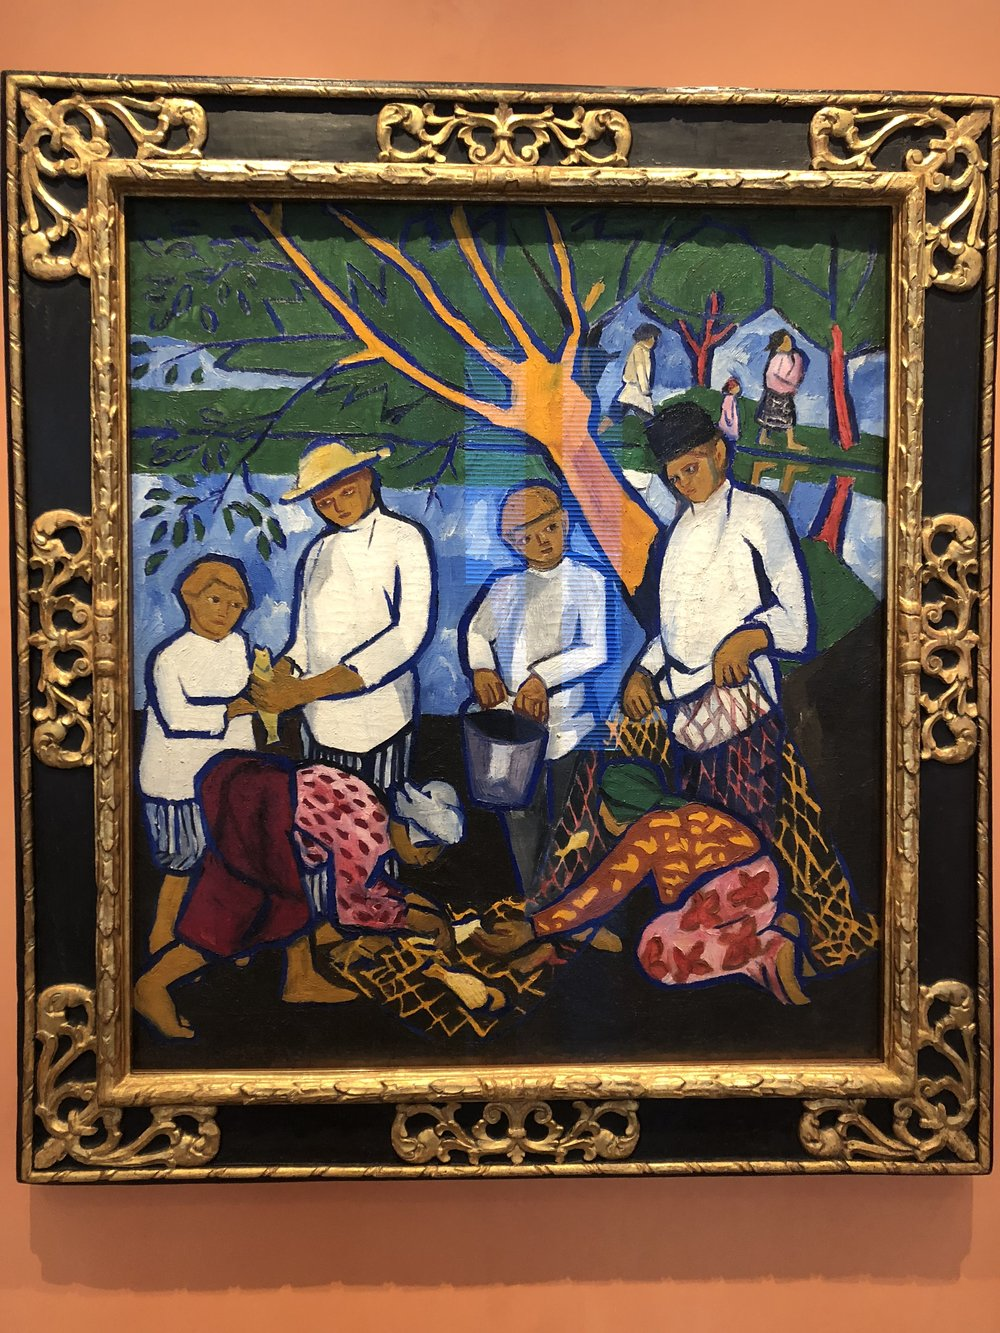 Natalia Goncharova  Fishing (Fishers), 1909